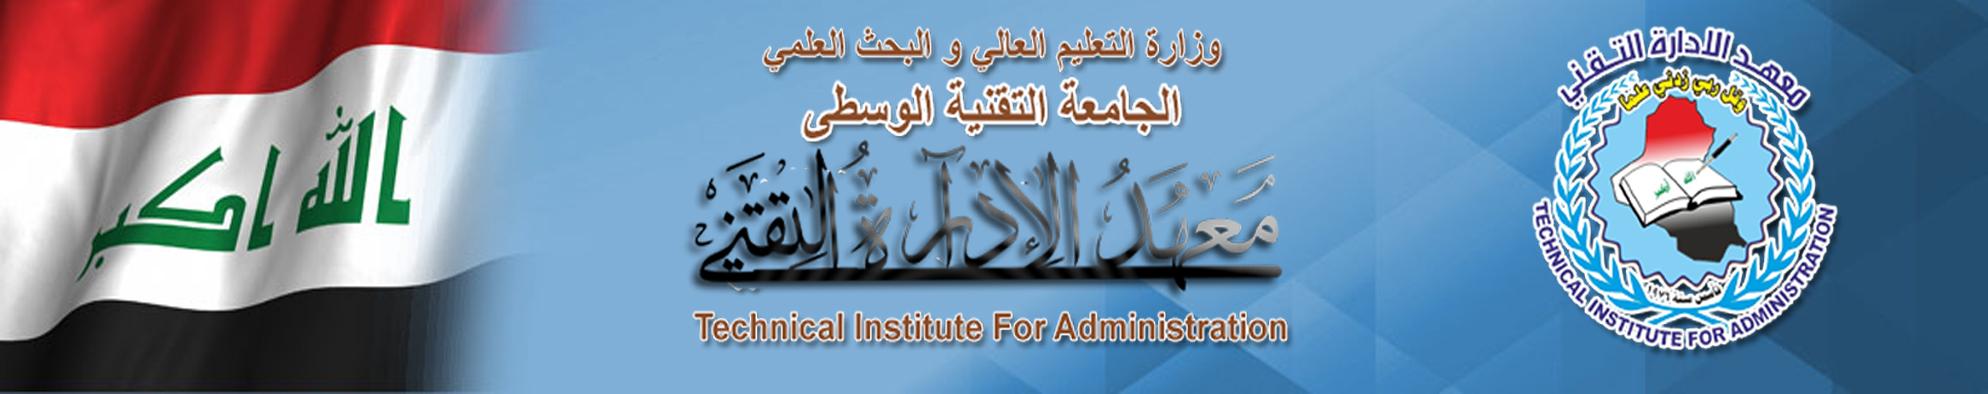 معهد الادارة التقني | الجامعة التقنية الوسطى